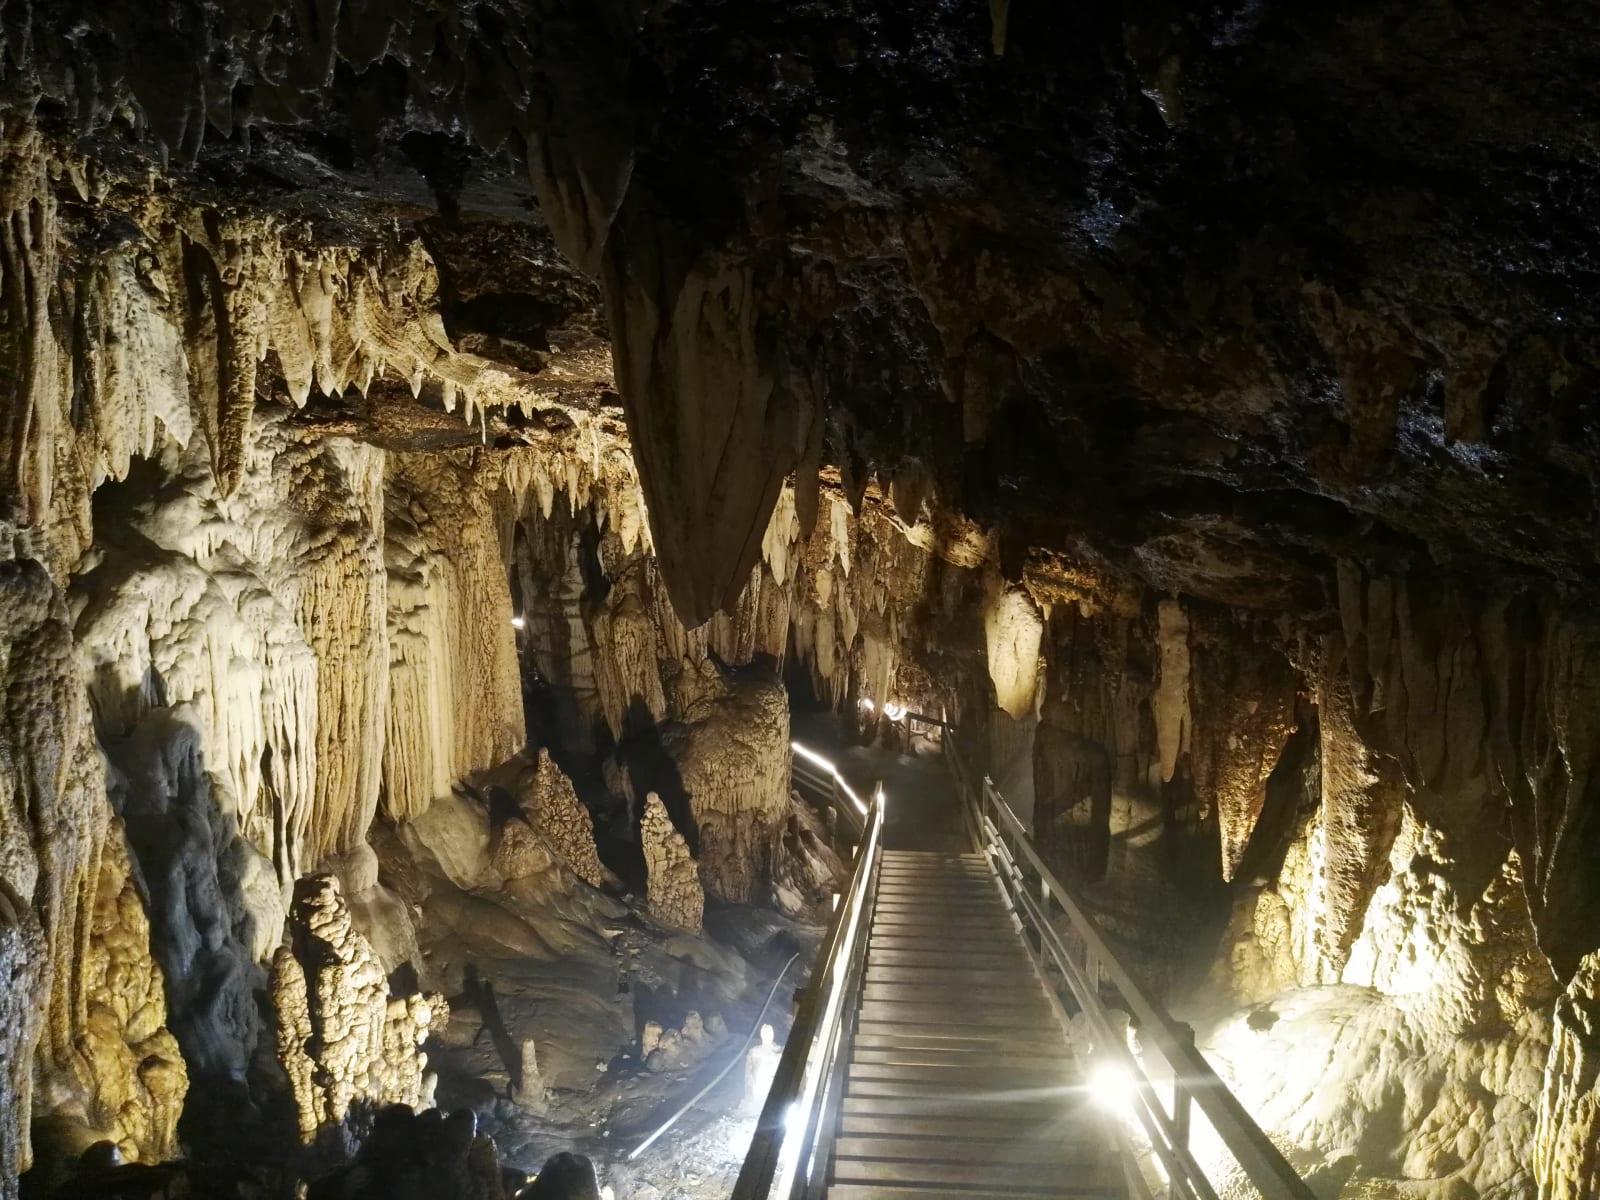 Jeskyně Lung Khuy Cave